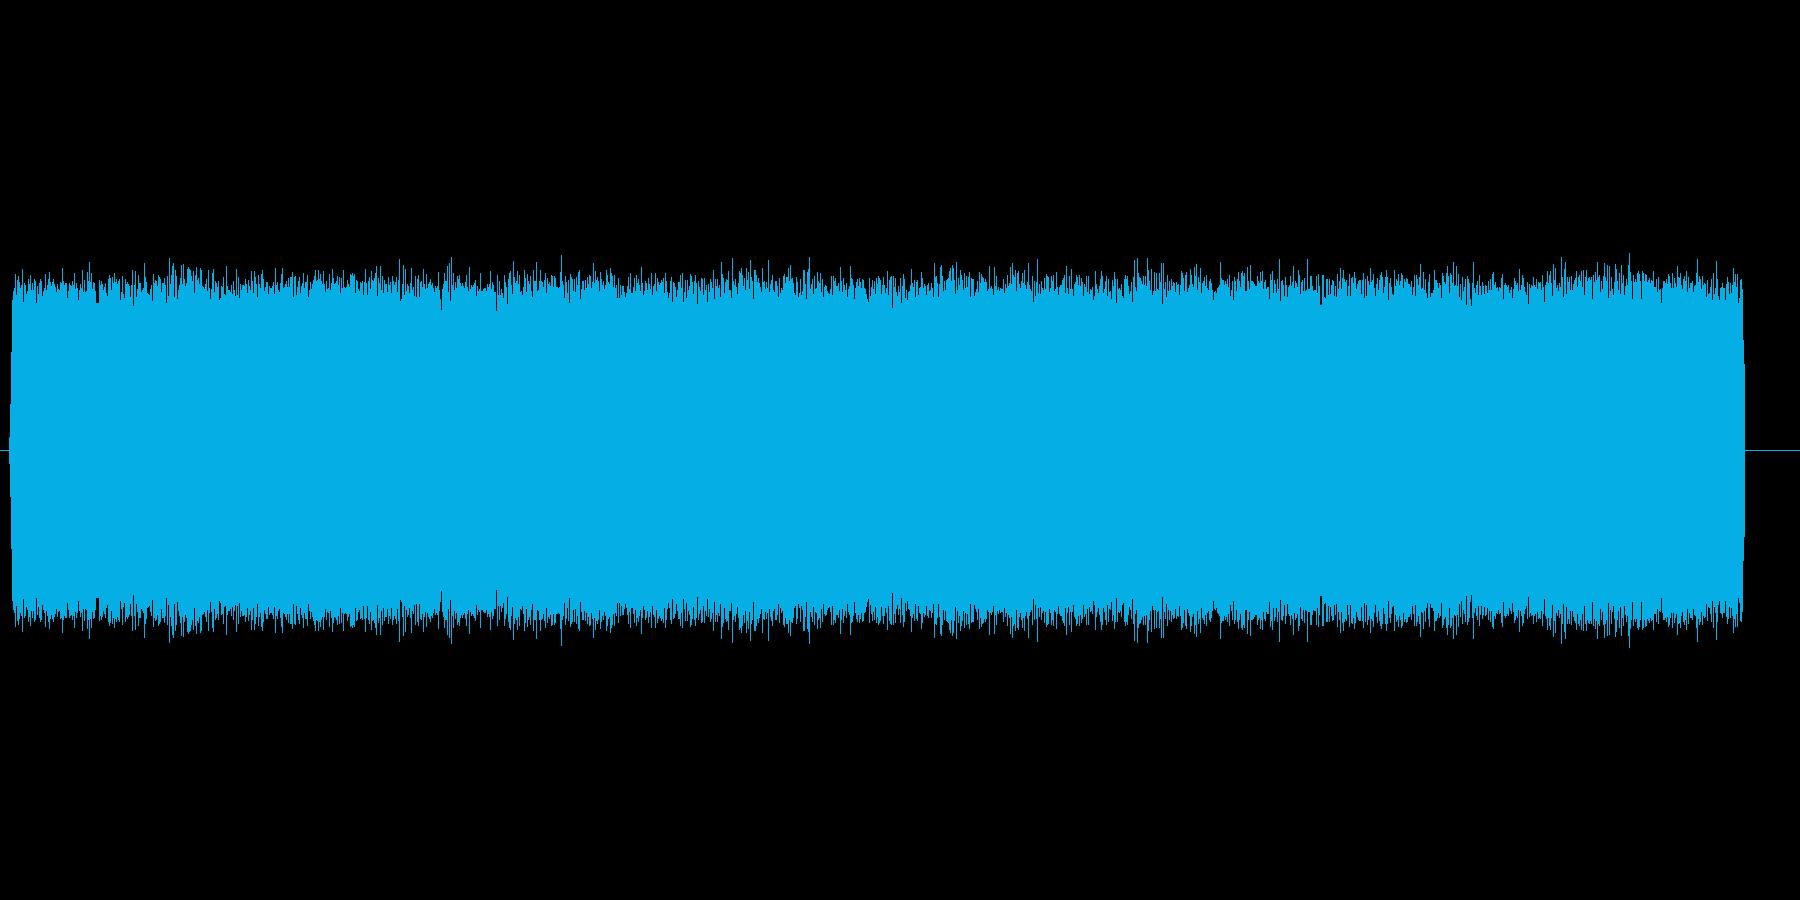 【ピロピロ、アナログ】可愛いレーザー音の再生済みの波形